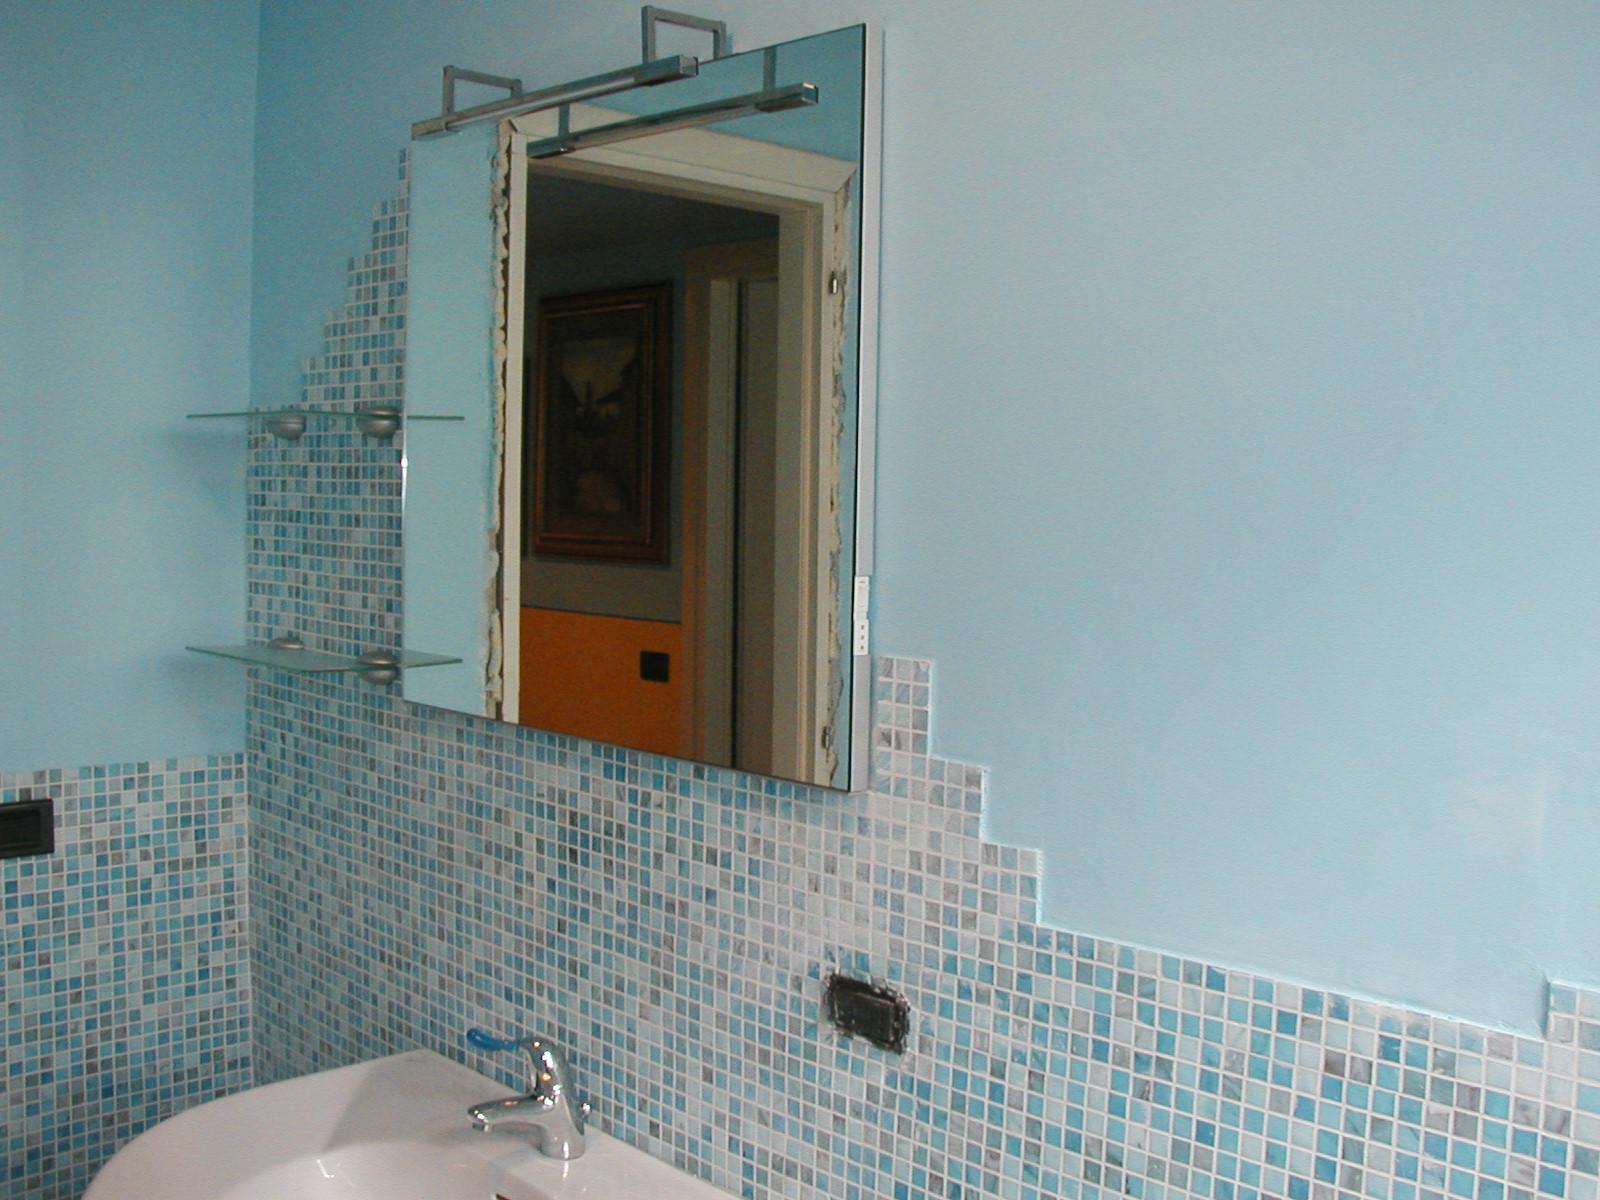 Idraulica pelamatti bagno boario